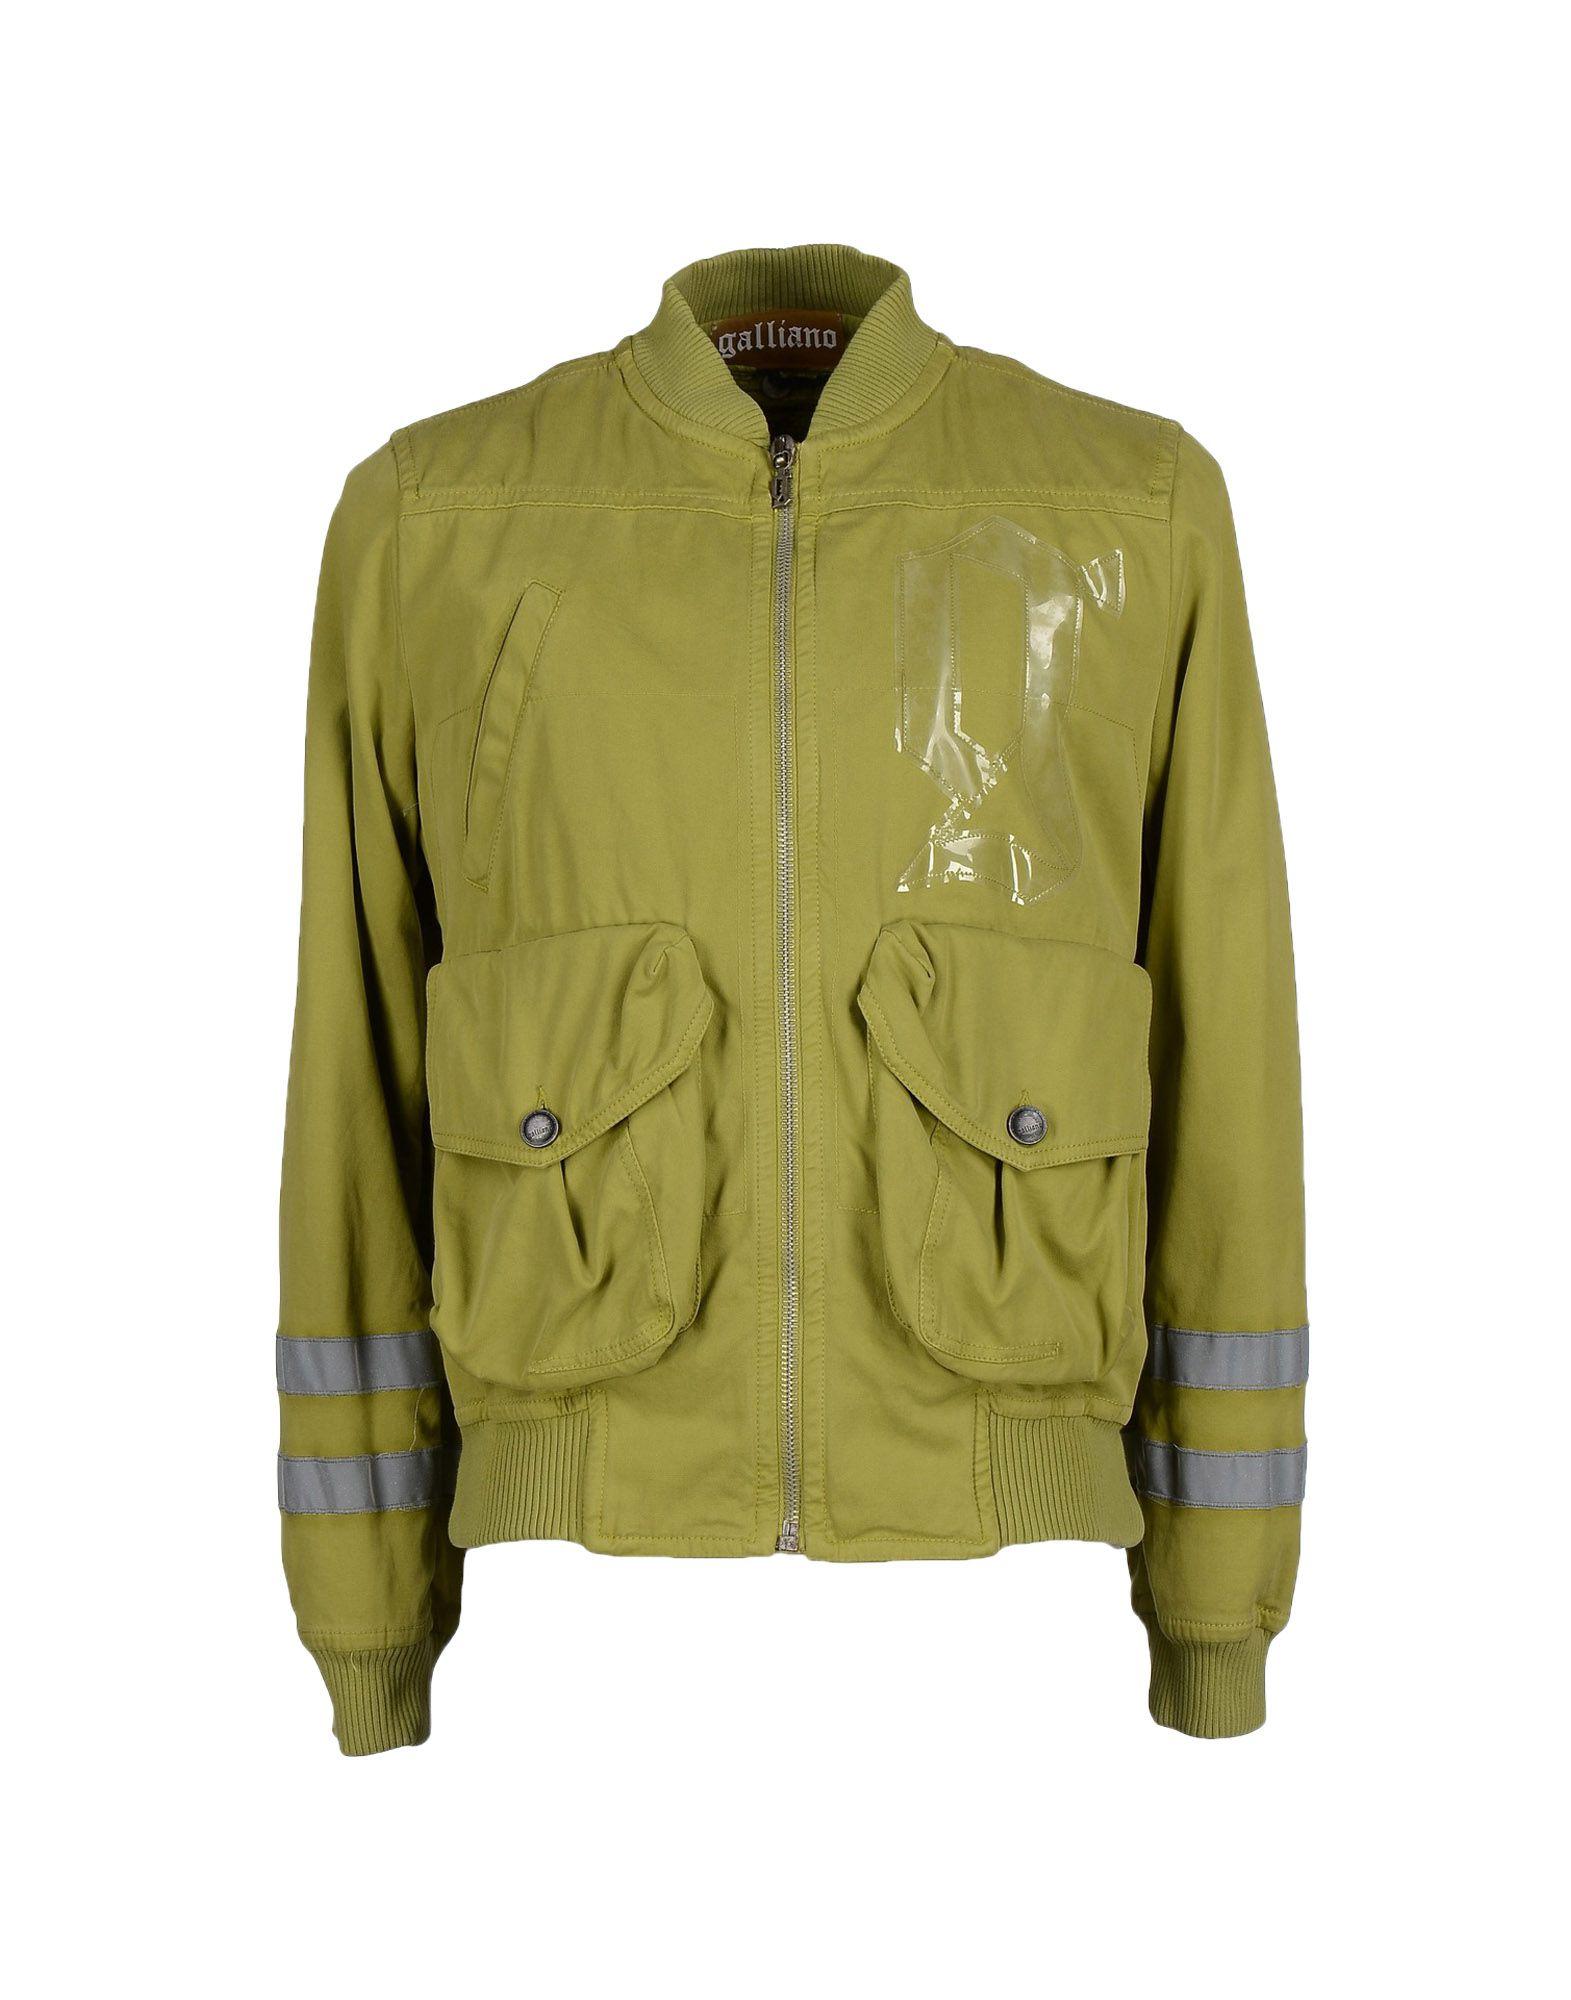 GALLIANO Jackets